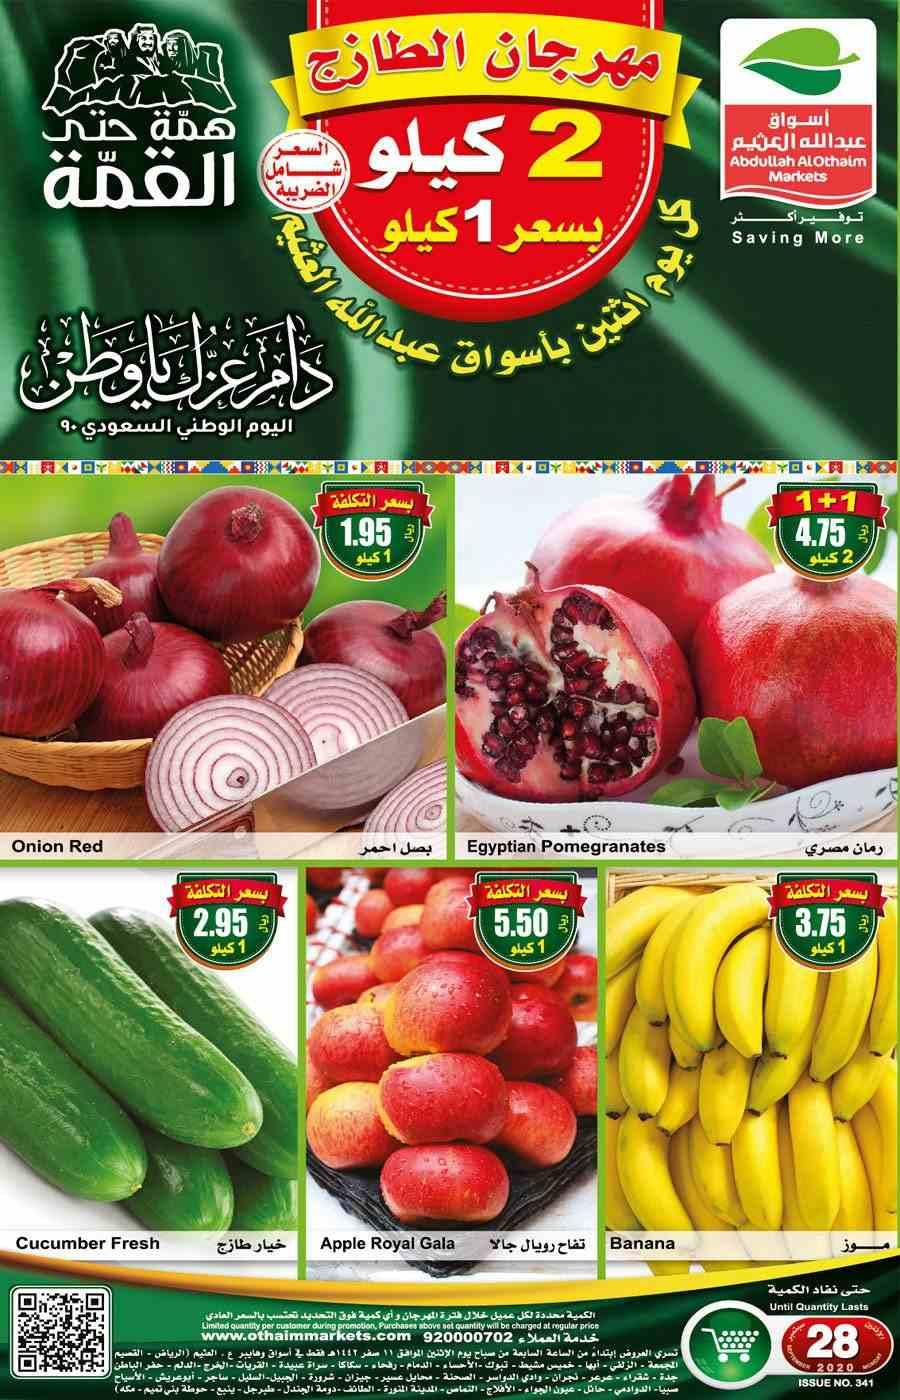 صورة عروض العثيم السعودية ليوم الاثنين 28 سبتمبر 2020 / 11 صفر 1442